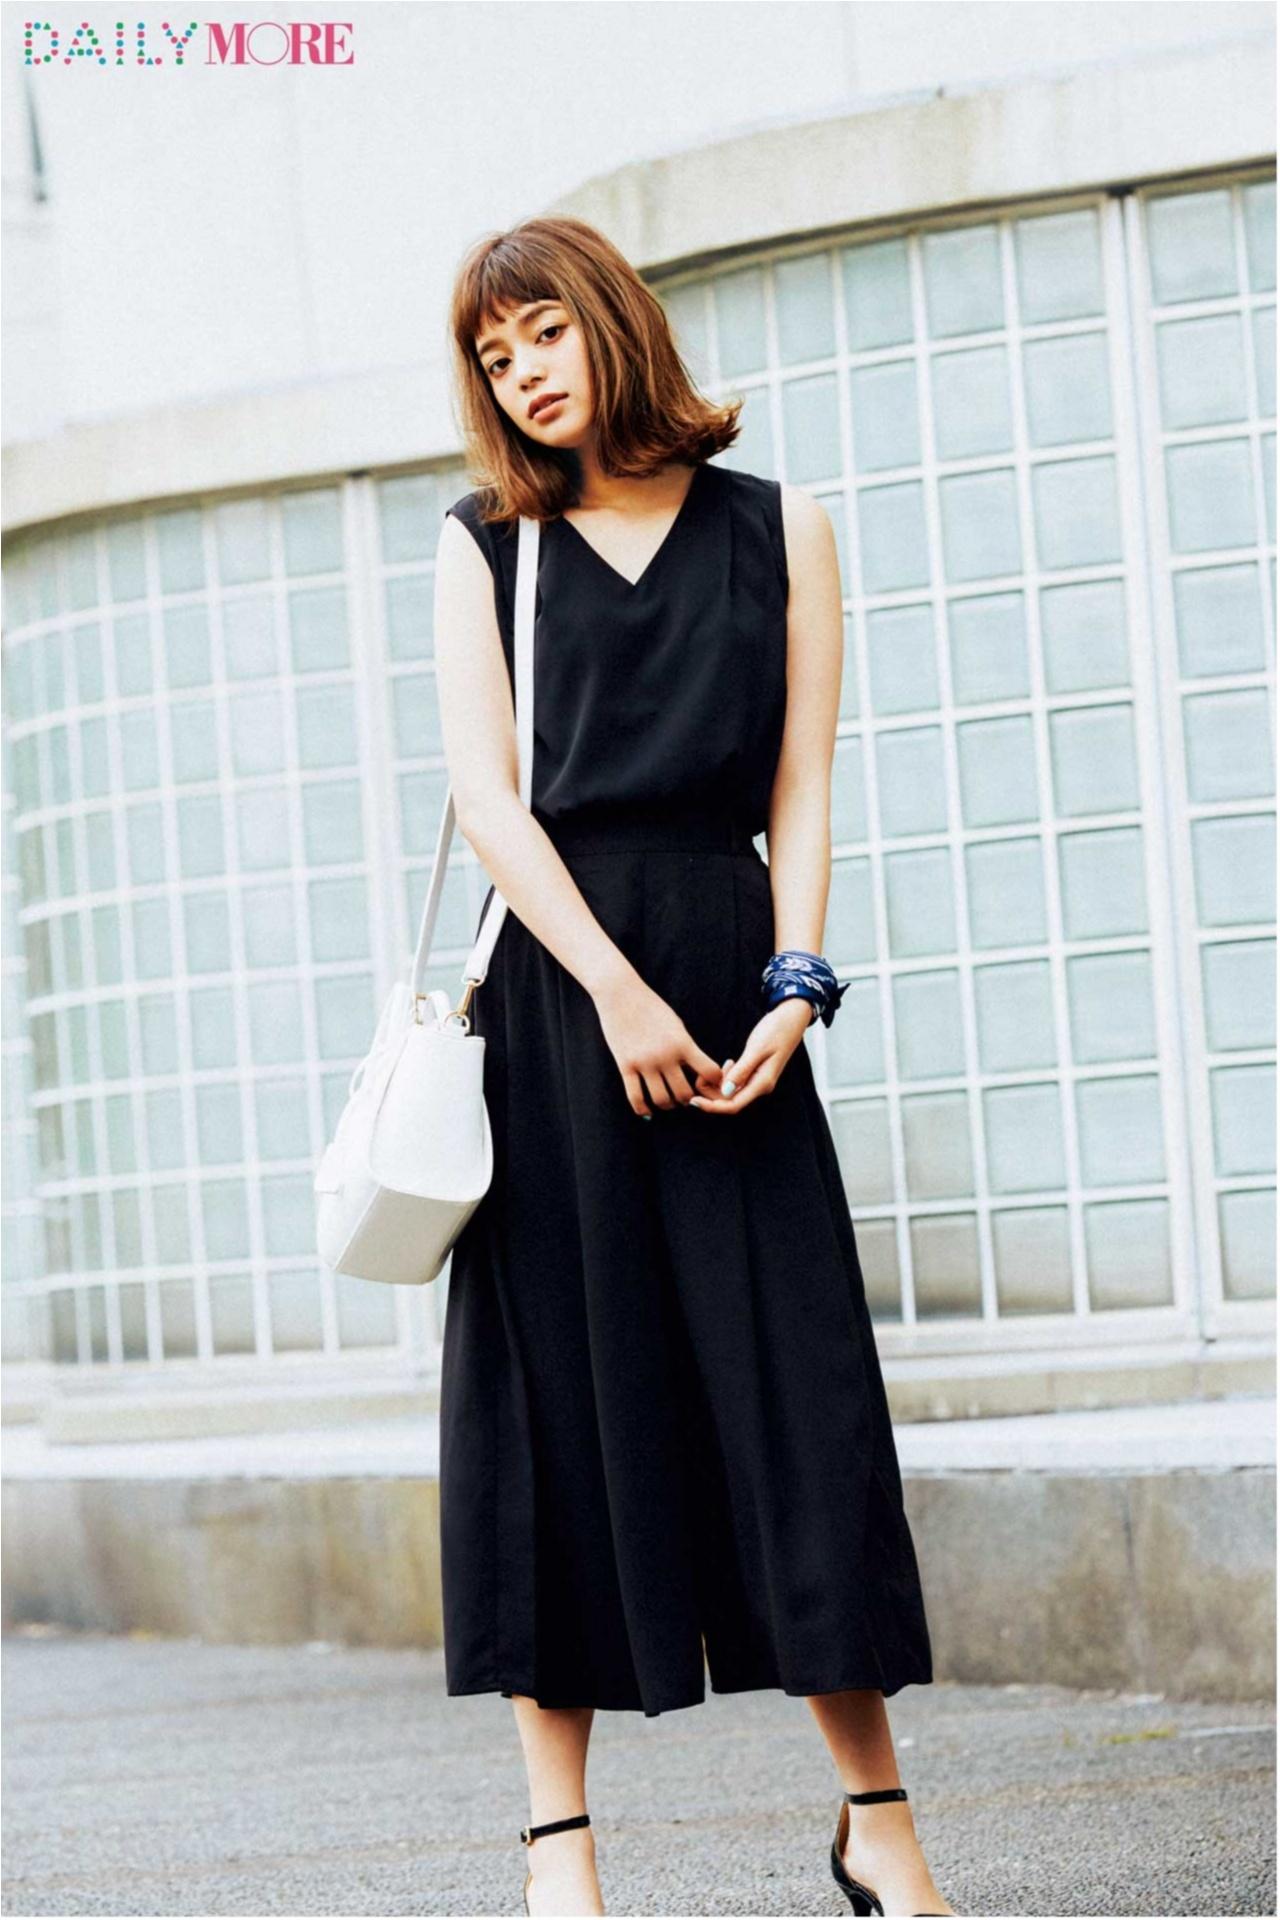 『GU』の飛び売れアイテムに大注目☆ 今週のファッション人気ランキングトップ3!_3